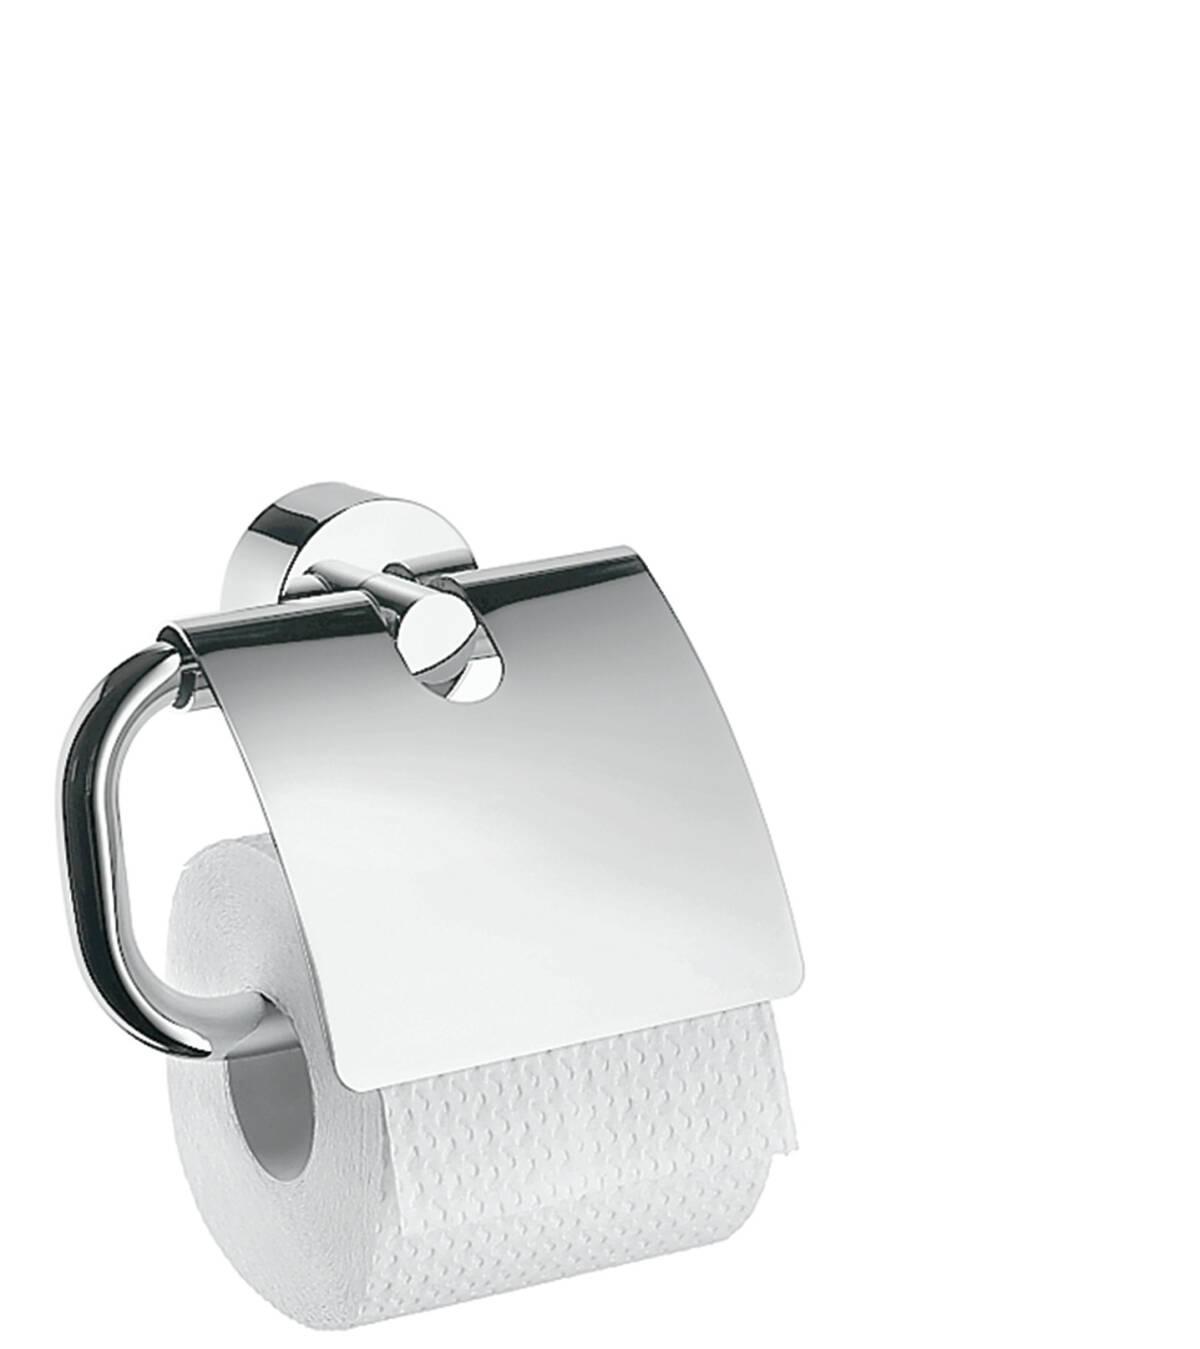 Roll holder, Chrome, 41538000